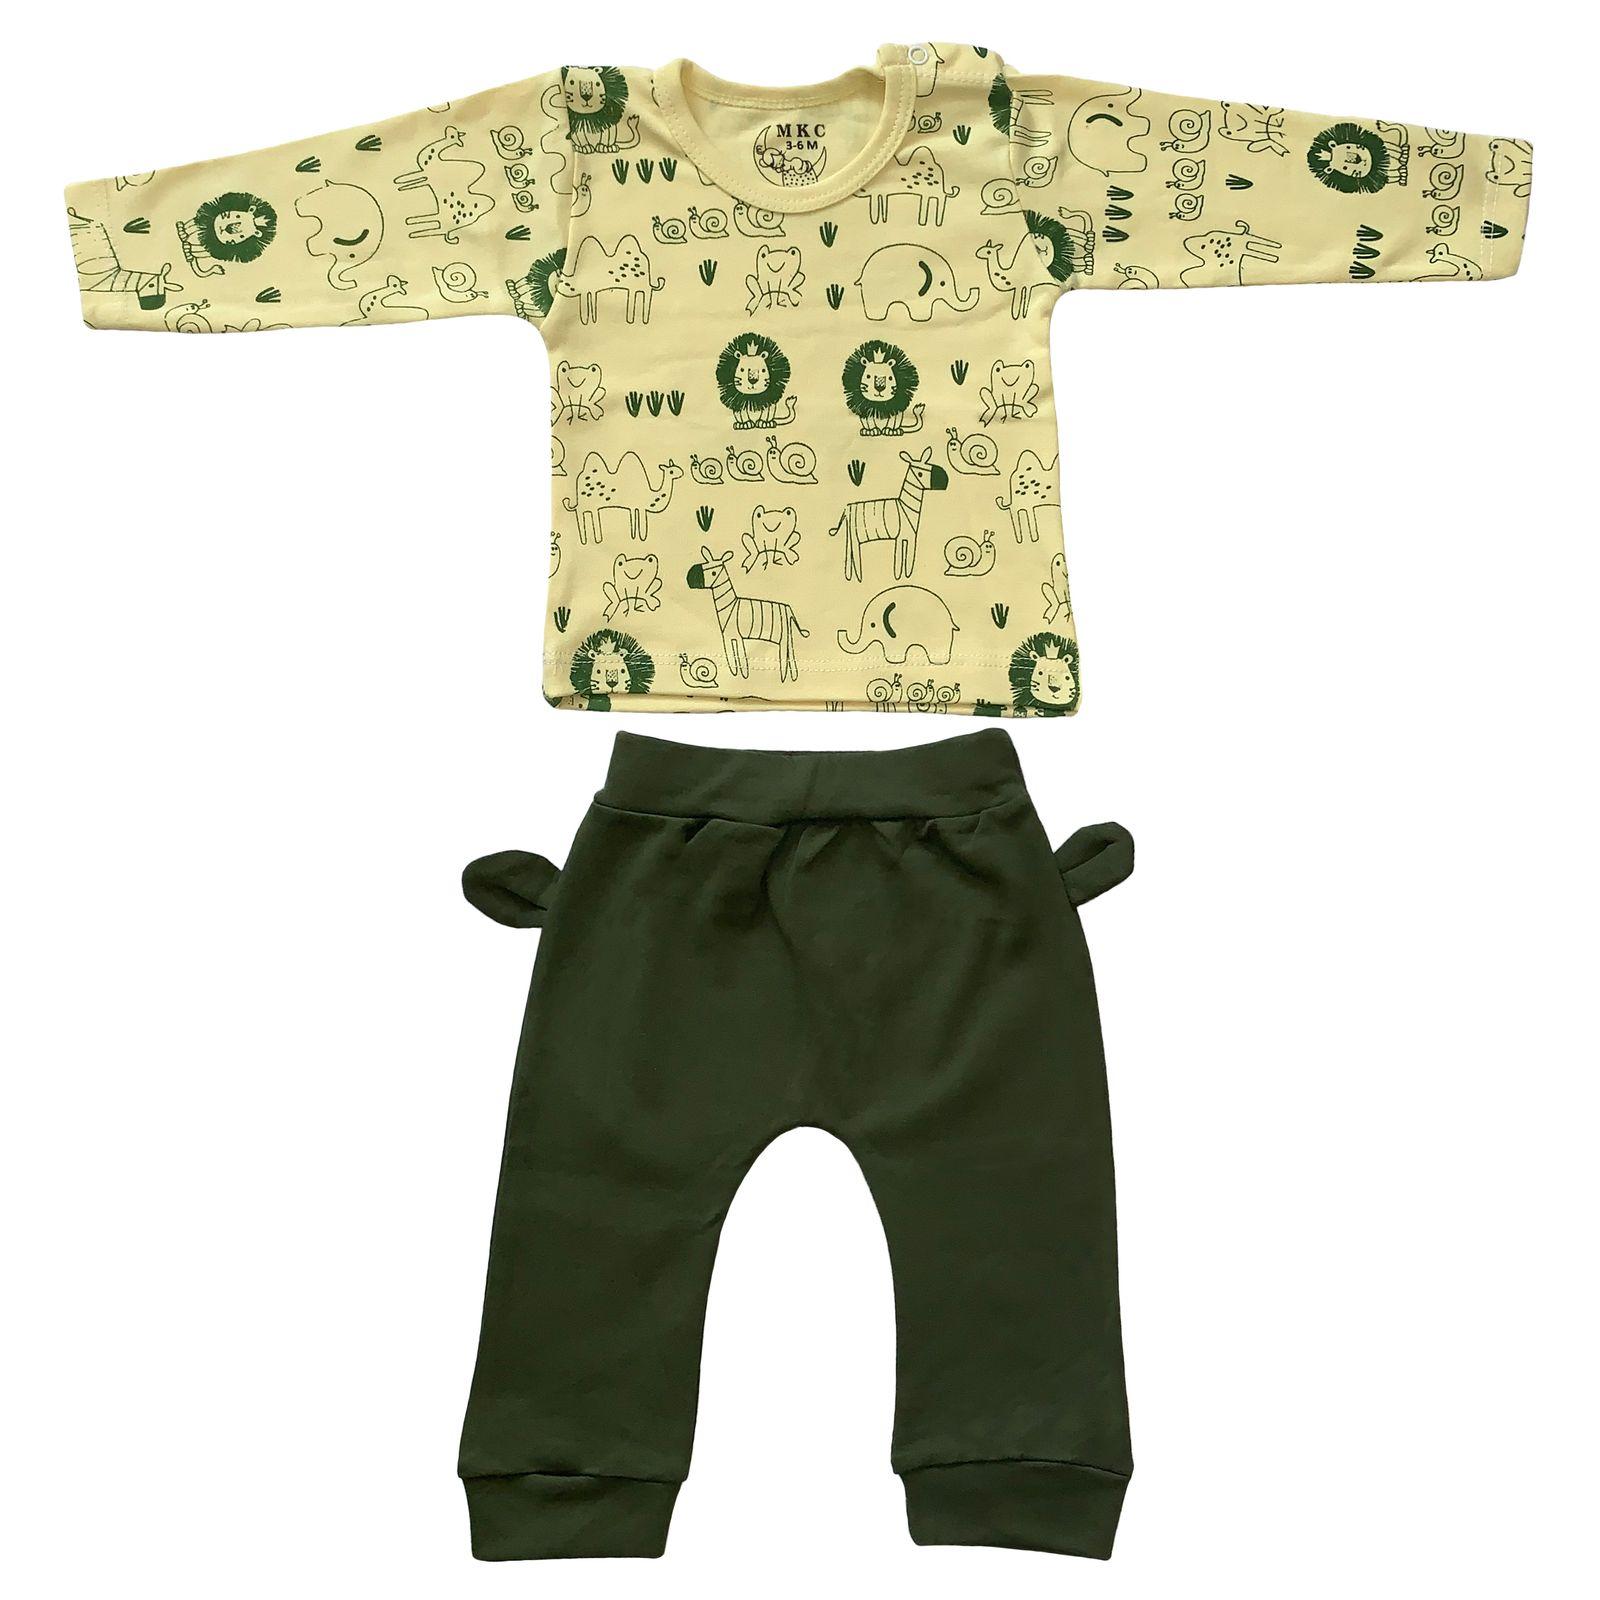 ست تی شرت و شلوار نوزادی طرح شیر کد FF-079 -  - 2